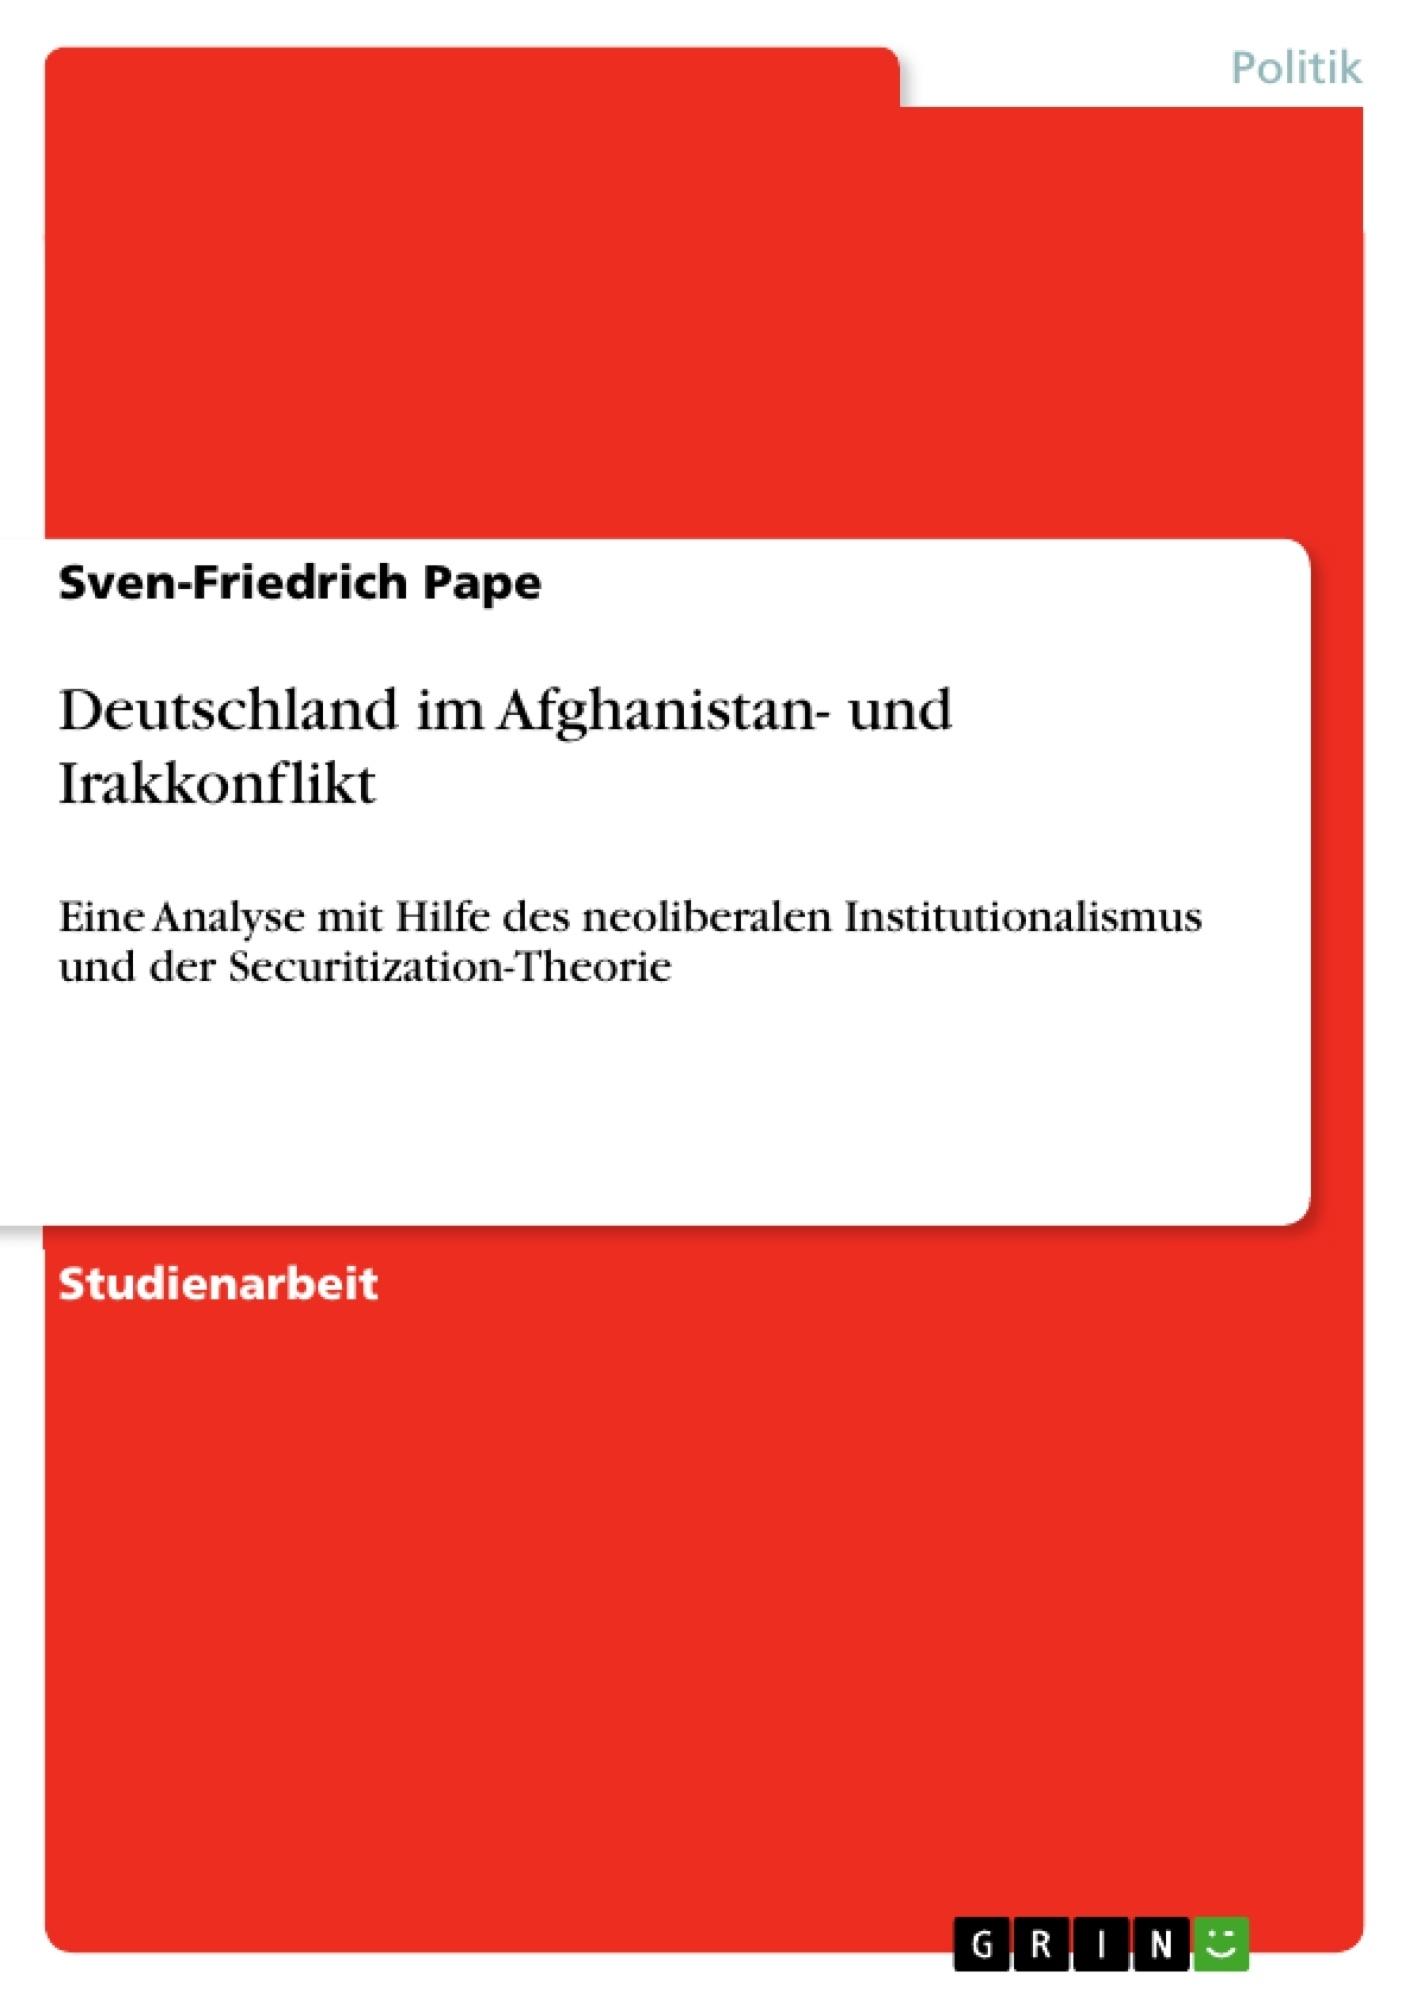 Titel: Deutschland im Afghanistan- und Irakkonflikt